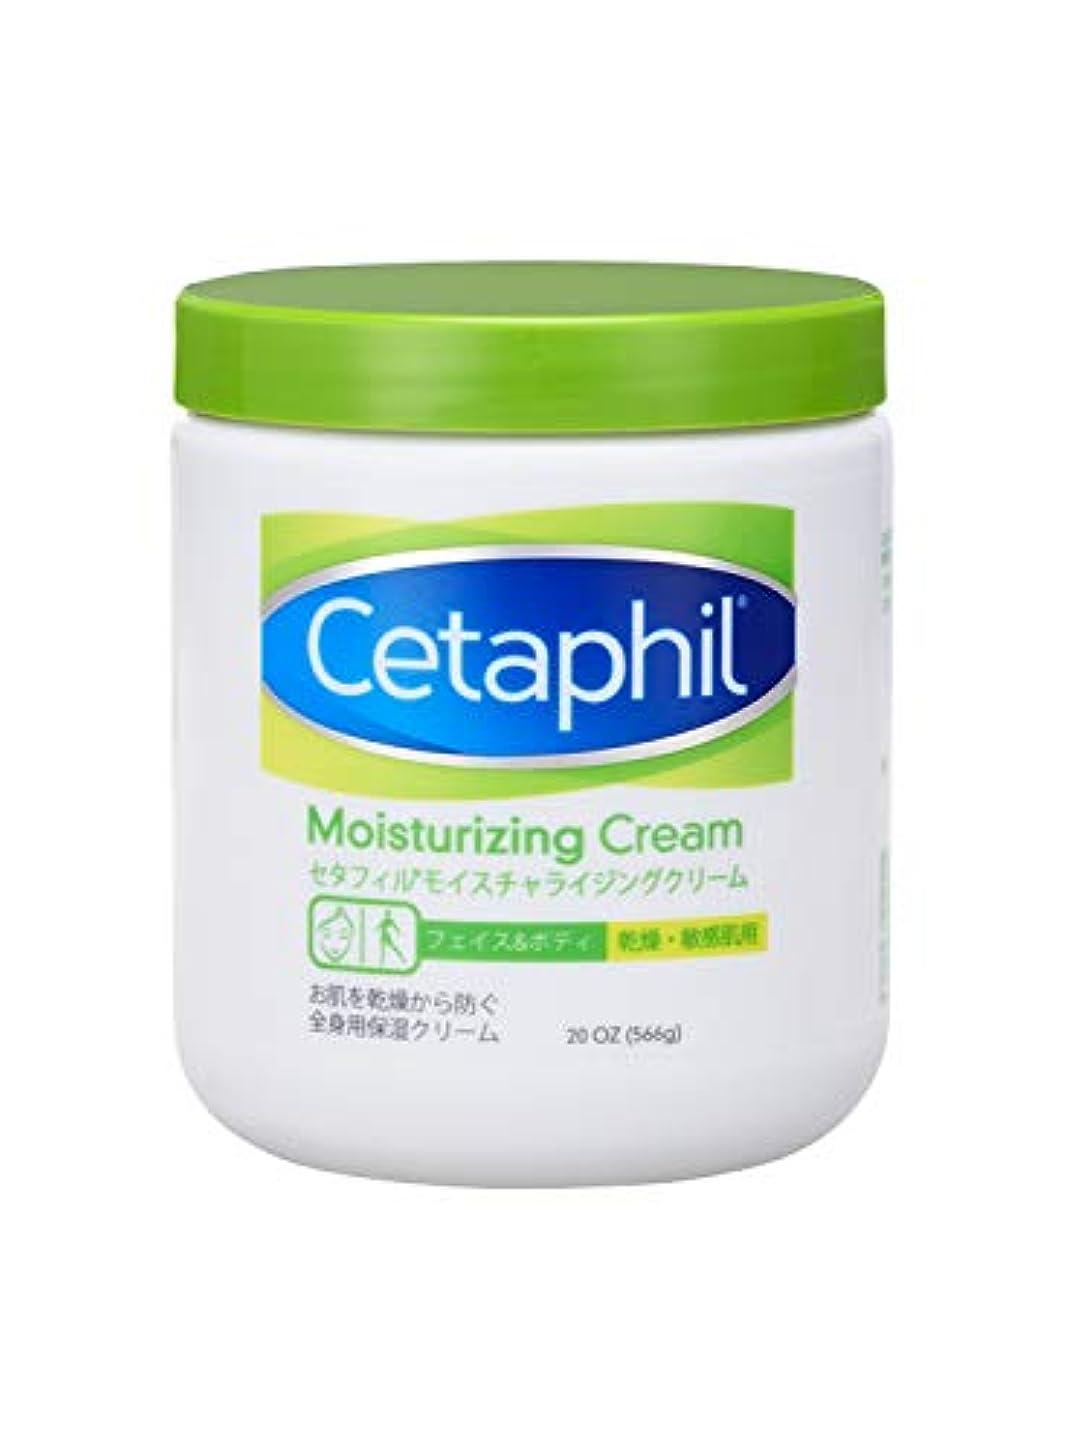 課す会話型談話セタフィル Cetaphil ® モイスチャライジングクリーム 566ml ( フェイス & ボディ 保湿クリーム クリーム )